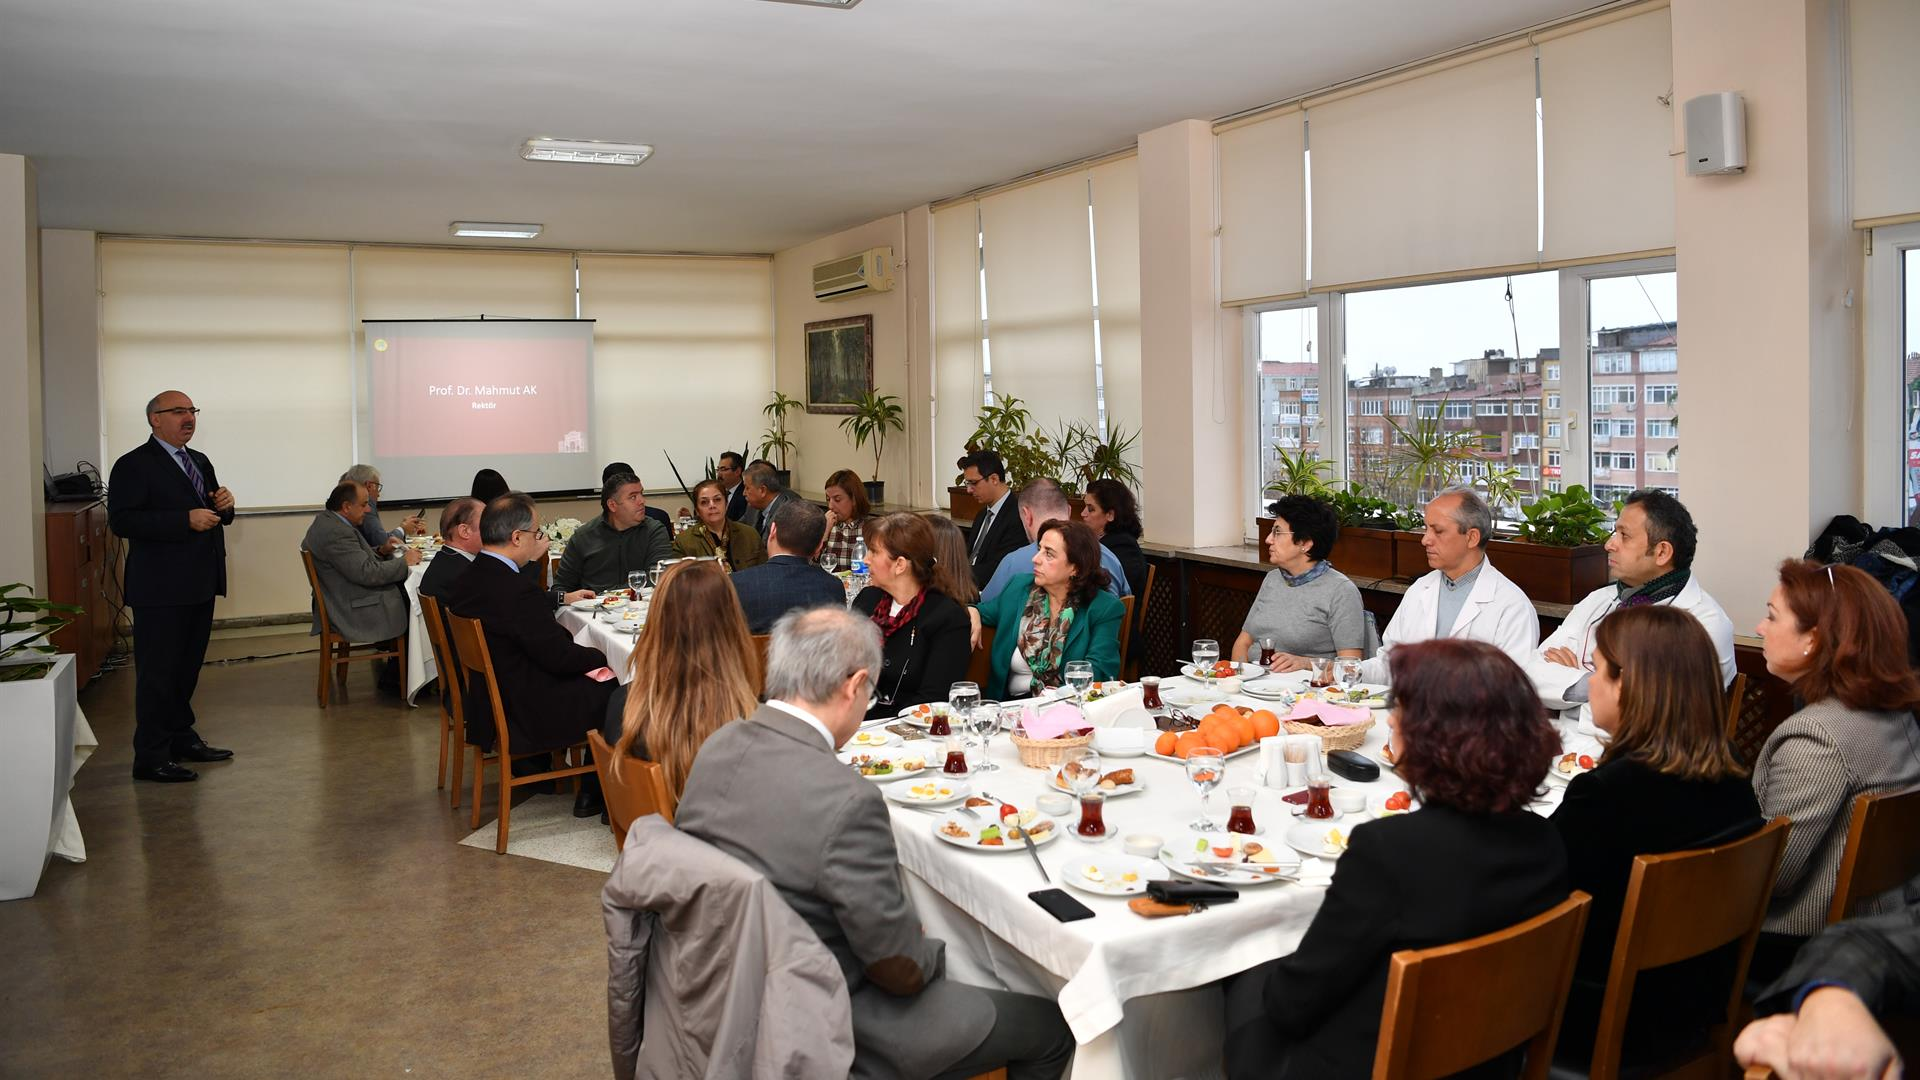 İÜ-Rektörü-Prof.-Dr.-Mahmut-Ak-İÜ-İstanbul-Tıp-Fakültesi-Temel-Tıp-Bilimleri-Bölümü-Öğretim-Üyeleri-ile-Toplantı-Gerçekleştirdi